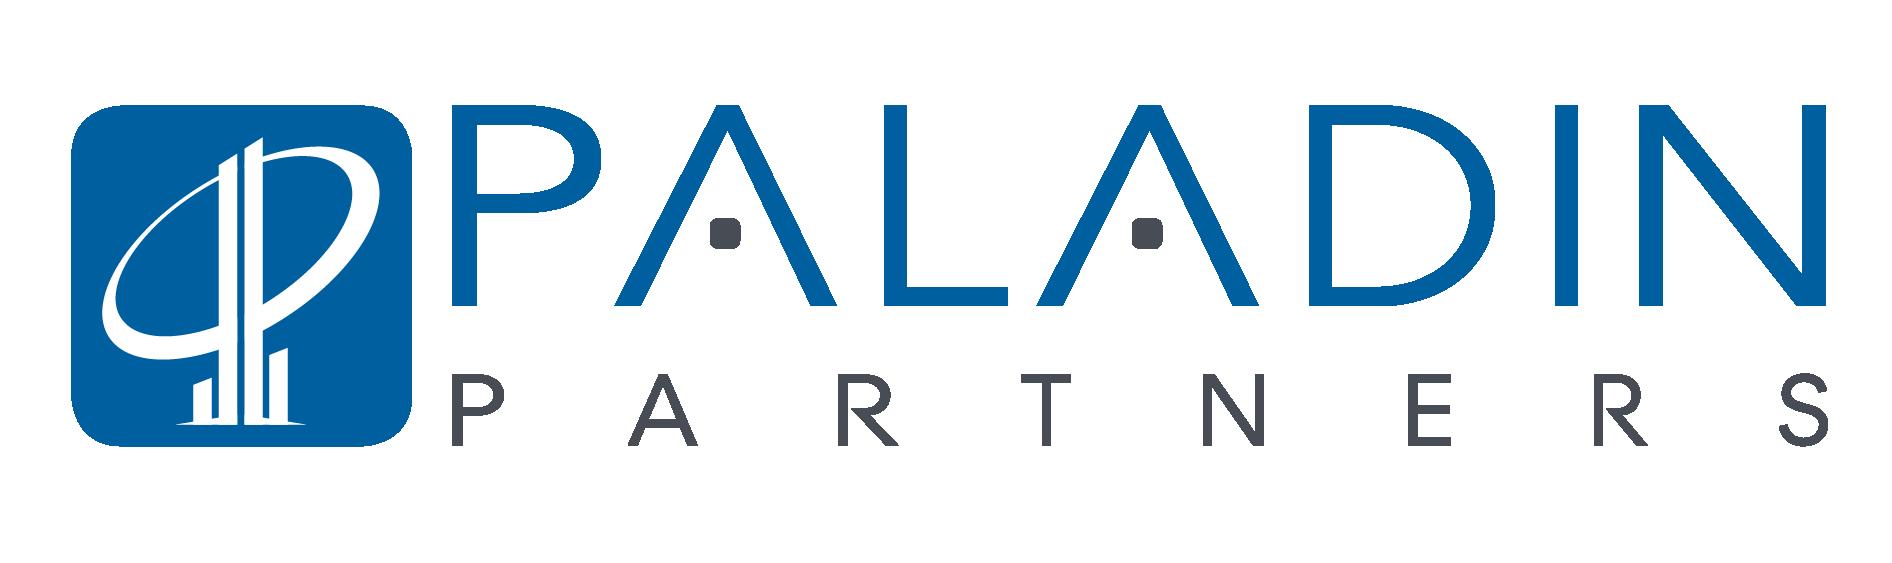 Paladin Partners